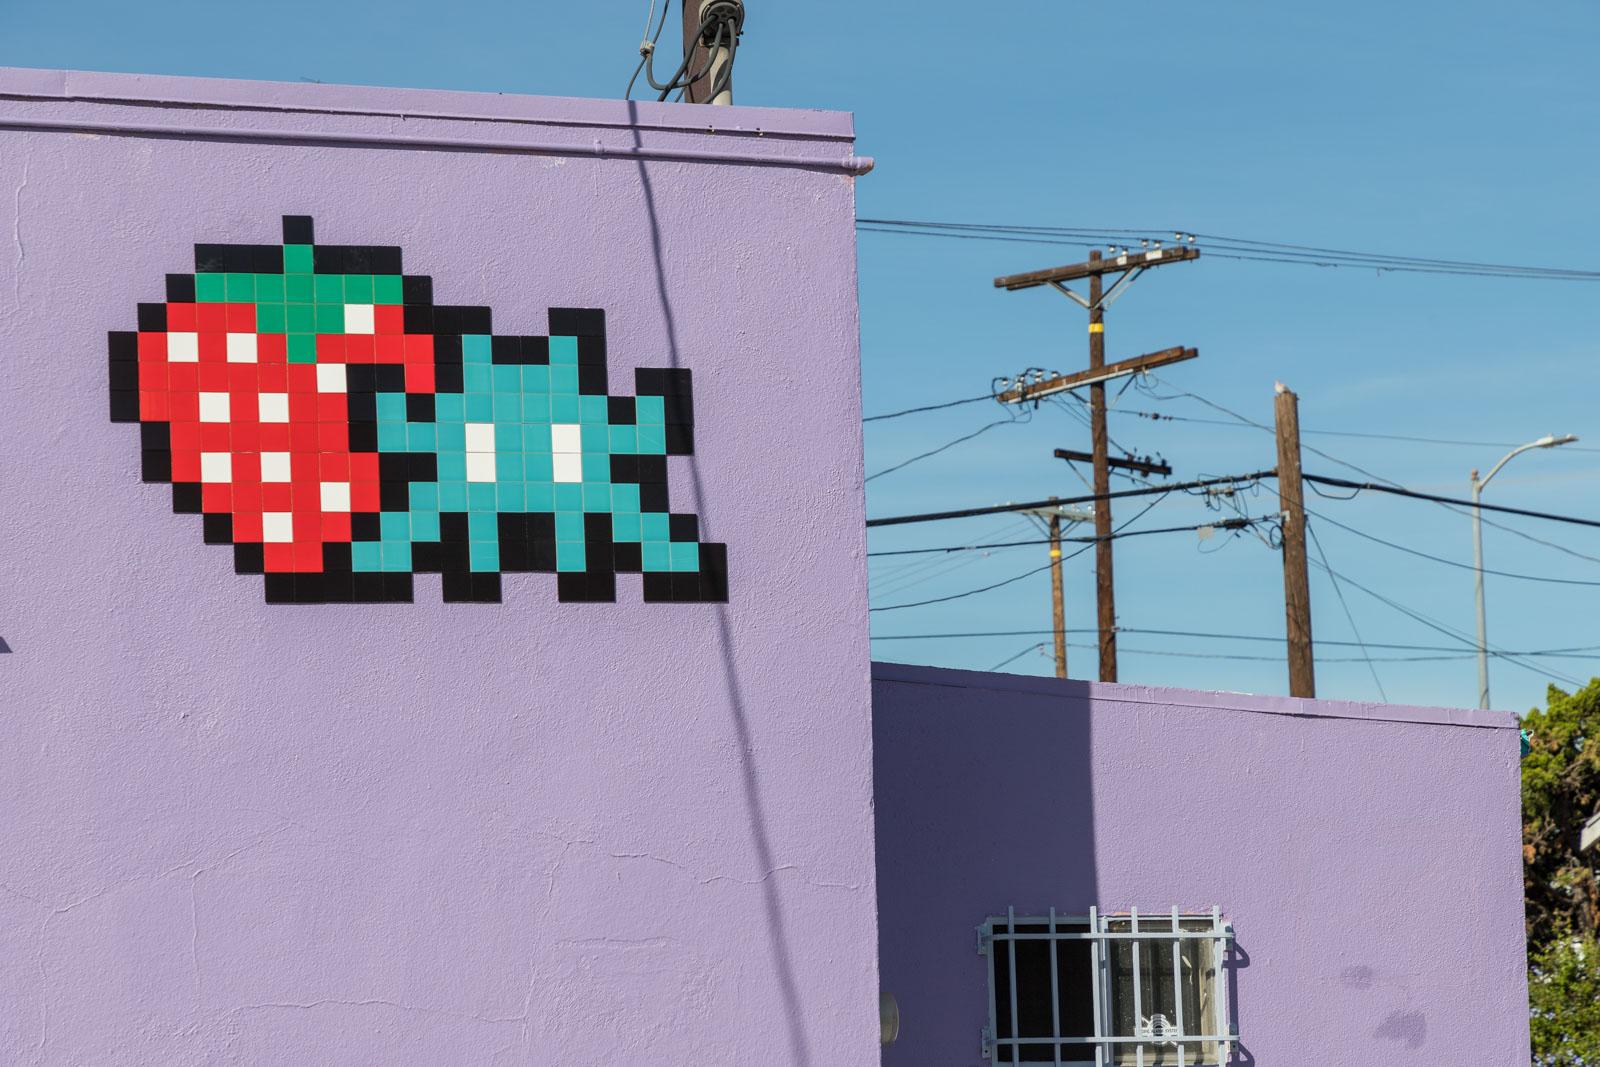 LA_174 - Go vegan ! - Hollywood / Los Feliz - Los Angeles /// 50 pts